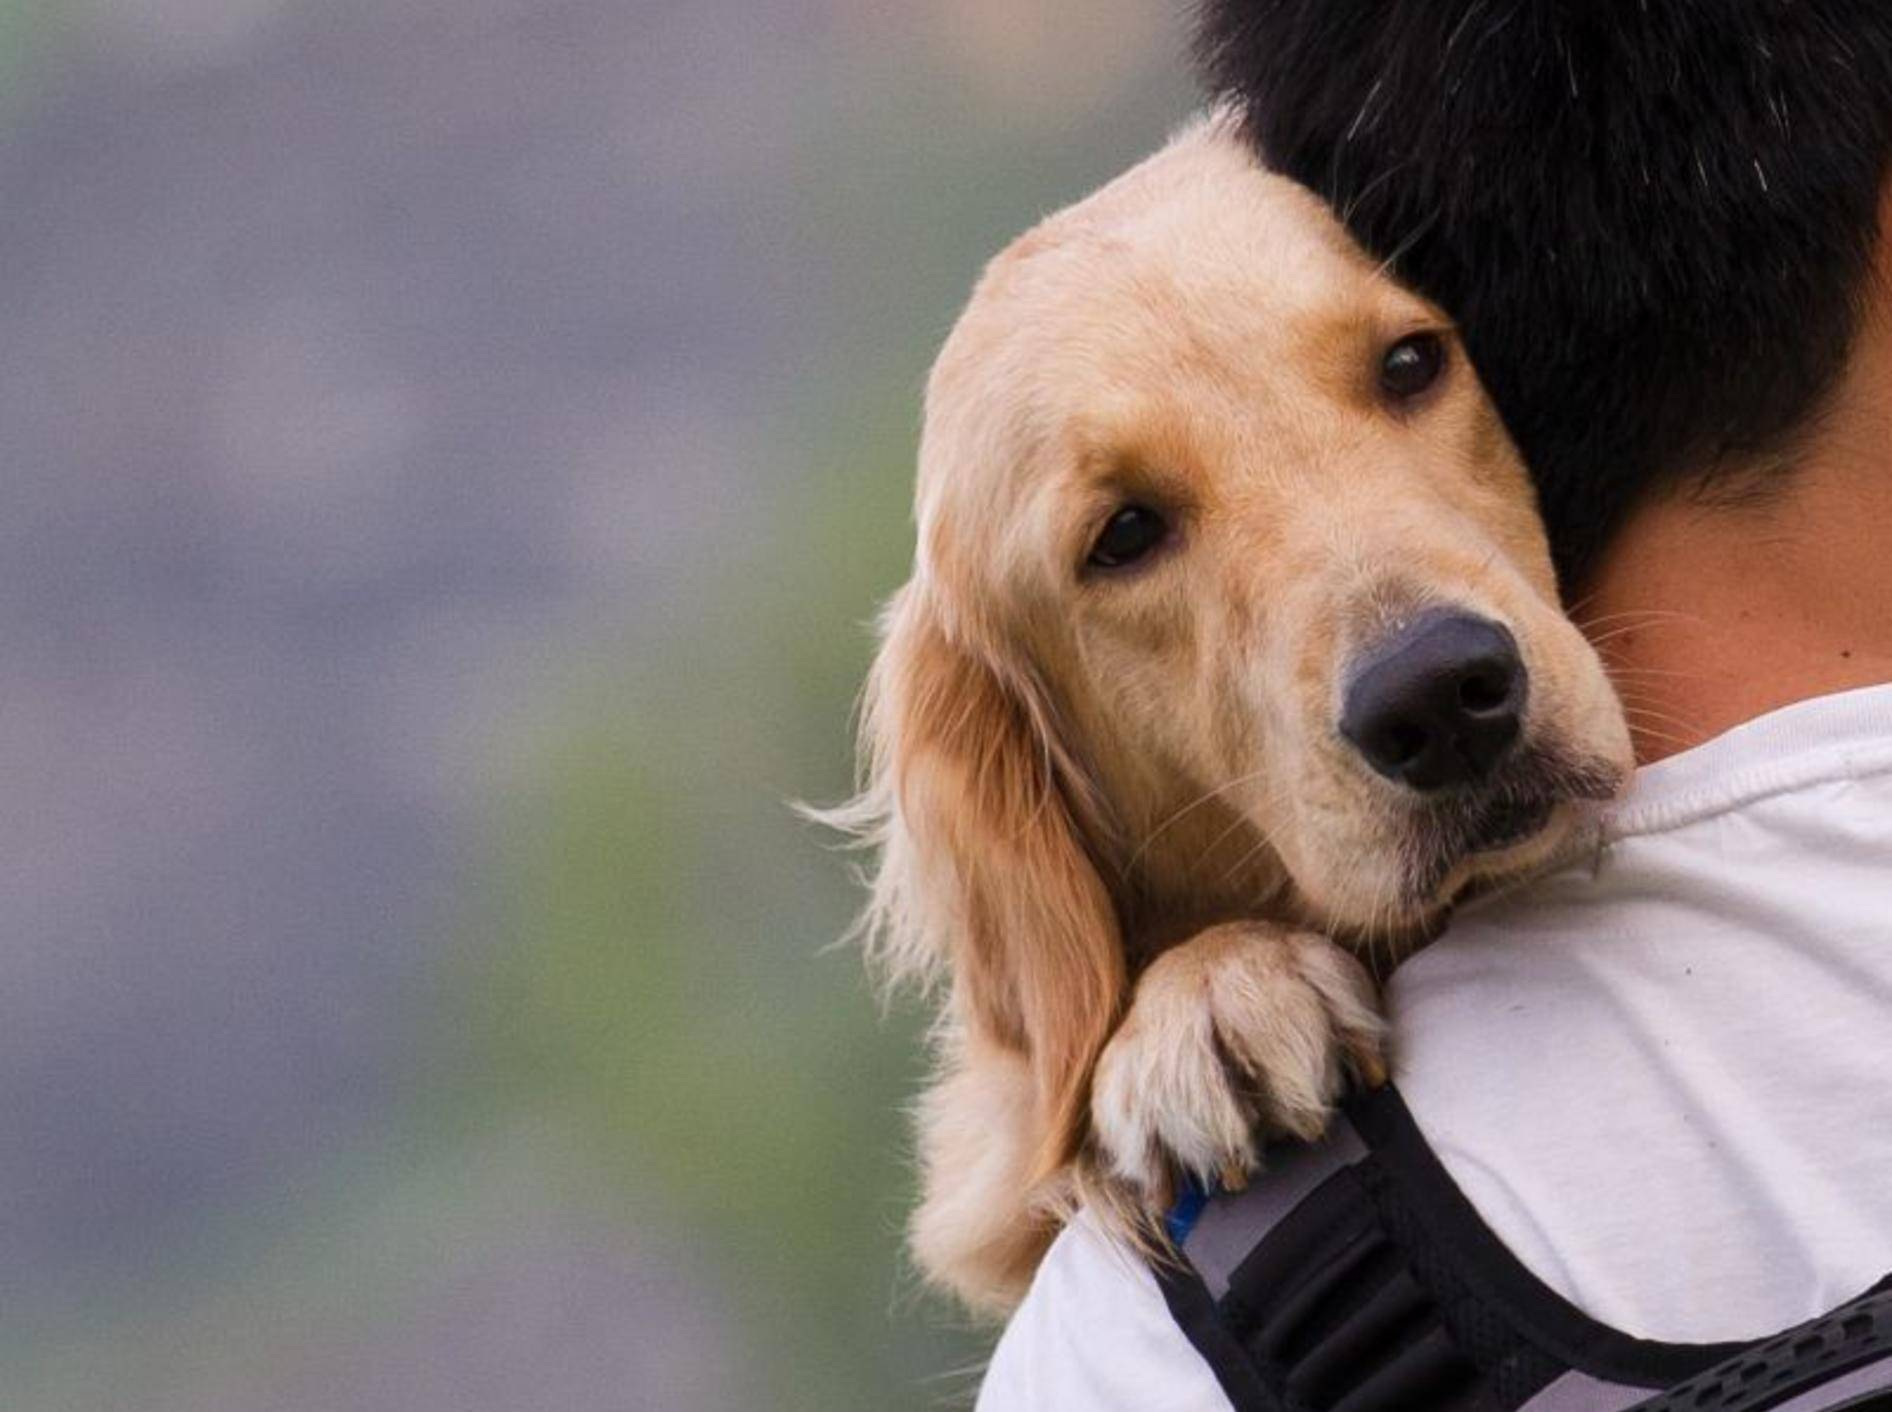 Wichtig bei Verdacht auf Zwingerhusten: Der Gang zum Tierarzt – Bild: Shutterstock / Sinseeho